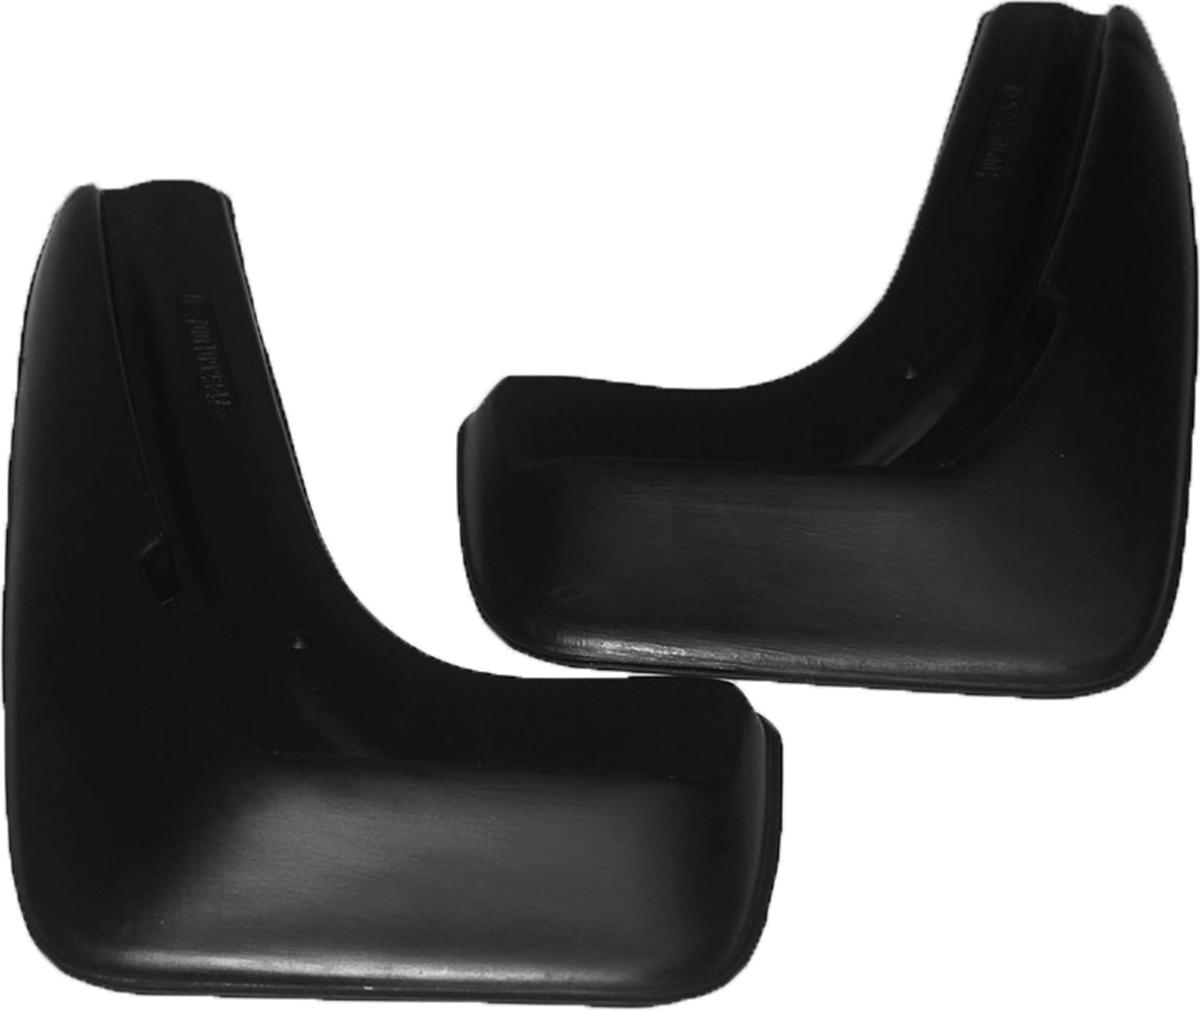 Комплект брызговиков задних L.Locker, для Volkswagen Polo V sd (14-), 2 шт7001092361Брызговики L.Locker изготовлены из высококачественного полимера. Уникальный состав брызговиков допускает их эксплуатацию в широком диапазоне температур: от -50°С до +80°С. Эффективно защищают кузов автомобиля от грязи и воды - формируют аэродинамический поток воздуха, создаваемый при движении вокруг кузова таким образом, чтобы максимально уменьшить образование грязевой измороси, оседающей на автомобиле. Разработаны индивидуально для каждой модели автомобиля, с эстетической точки зрения брызговики являются завершением колесной арки. Крепления в комплекте.